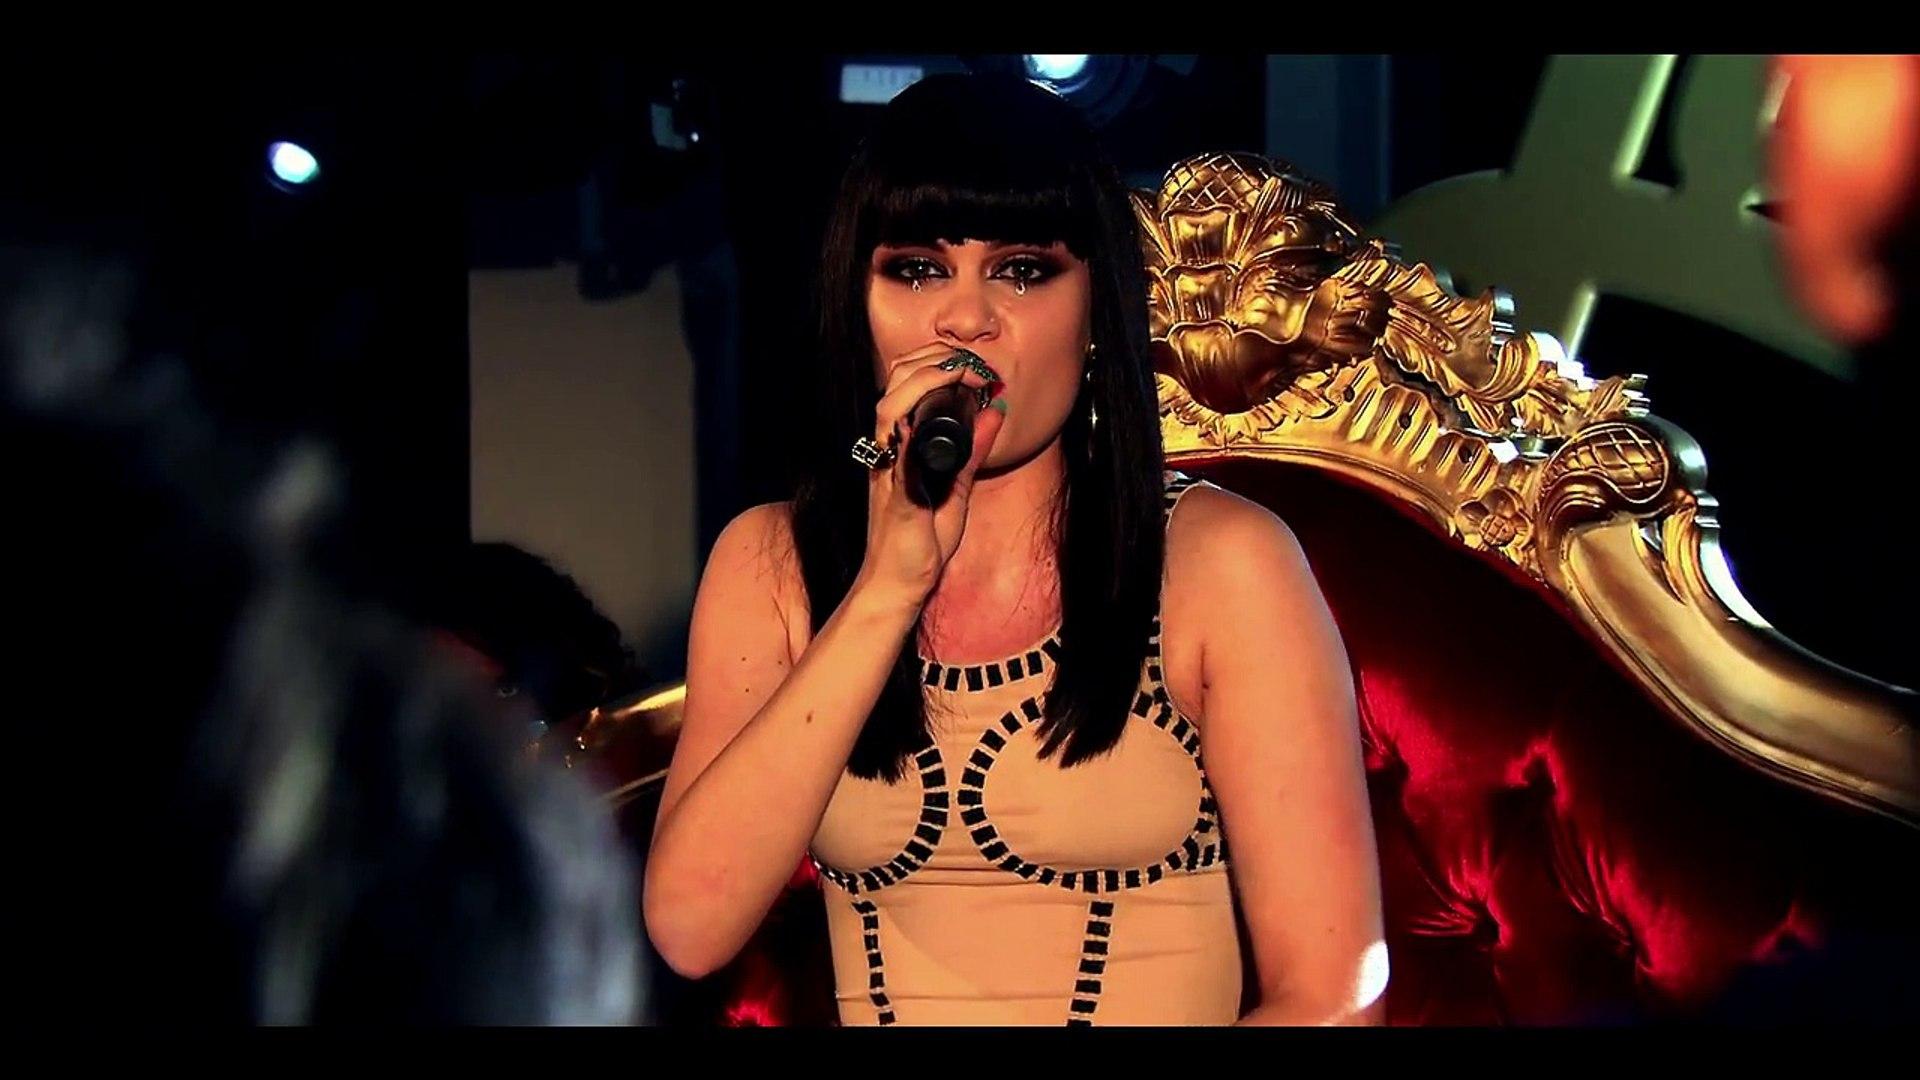 Jessie J - Who You Are - Live VEVO Presents Jessie J - Nov 2011 720p